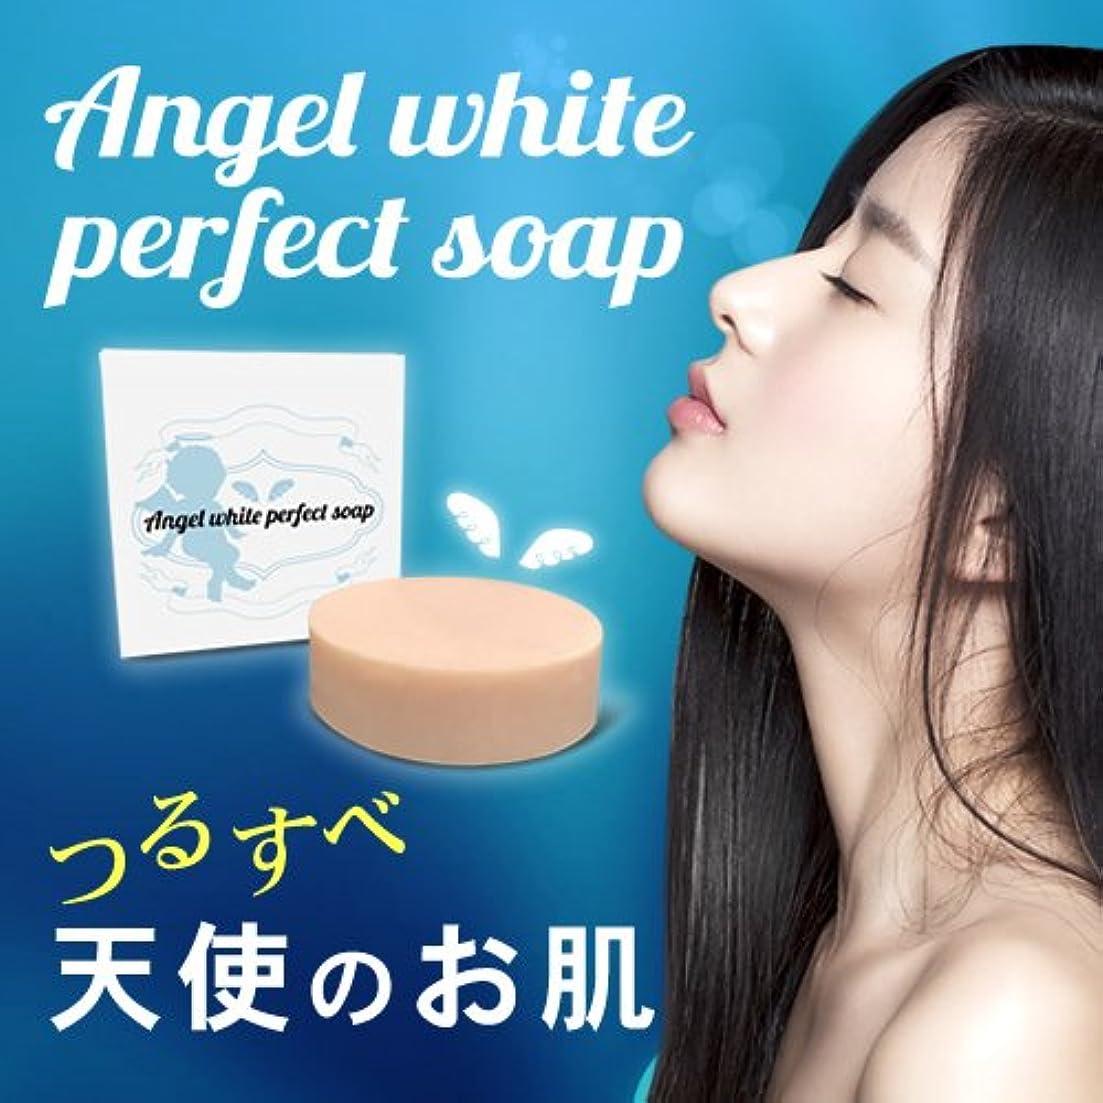 等々青ダンプAngel White Perfect Soap(エンジェルホワイトパーフェクトソープ) 美白 美白石けん 美肌 洗顔石鹸